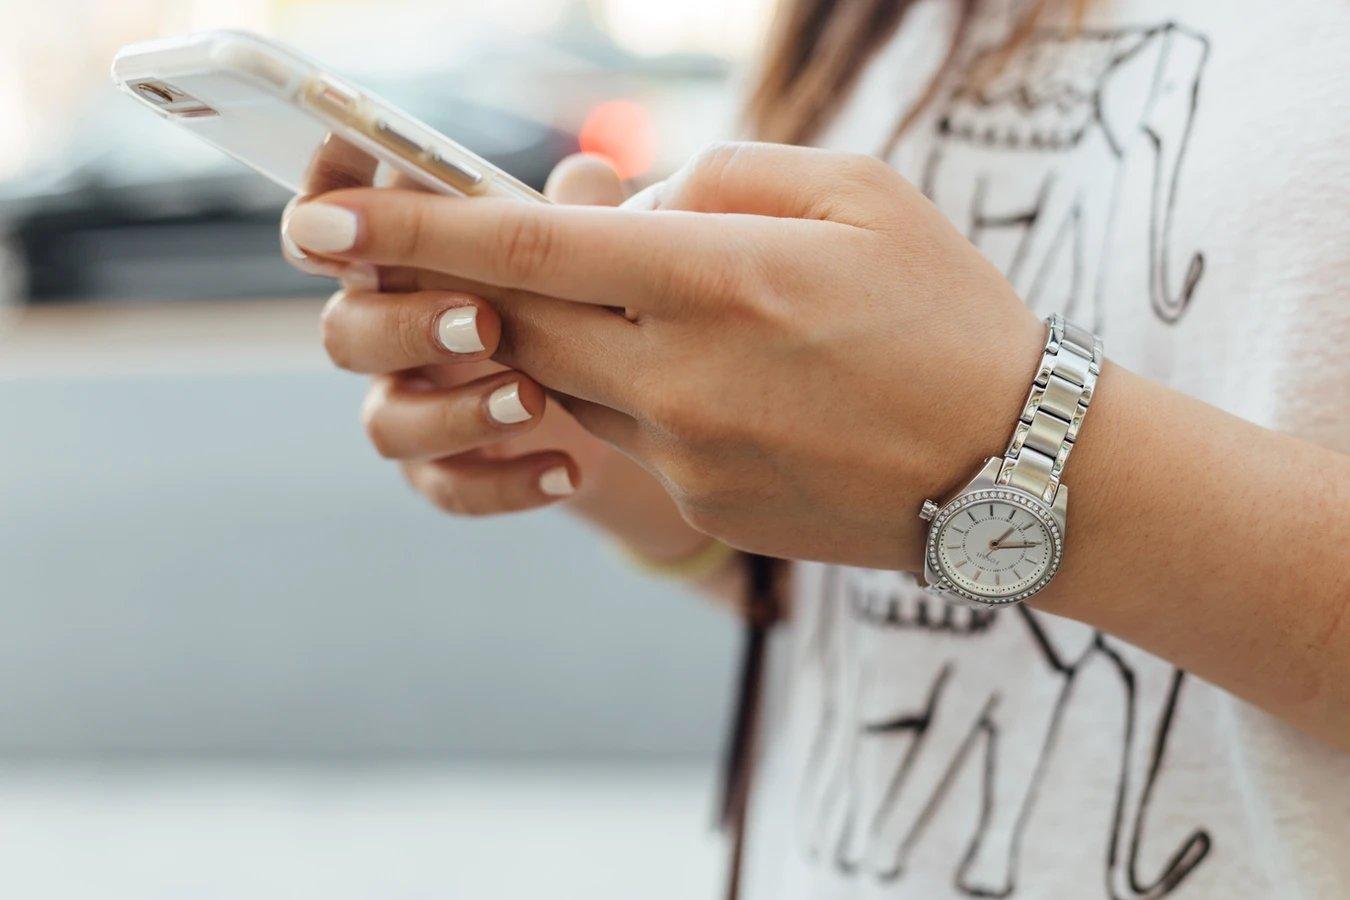 telefone na mão dos utilizadores